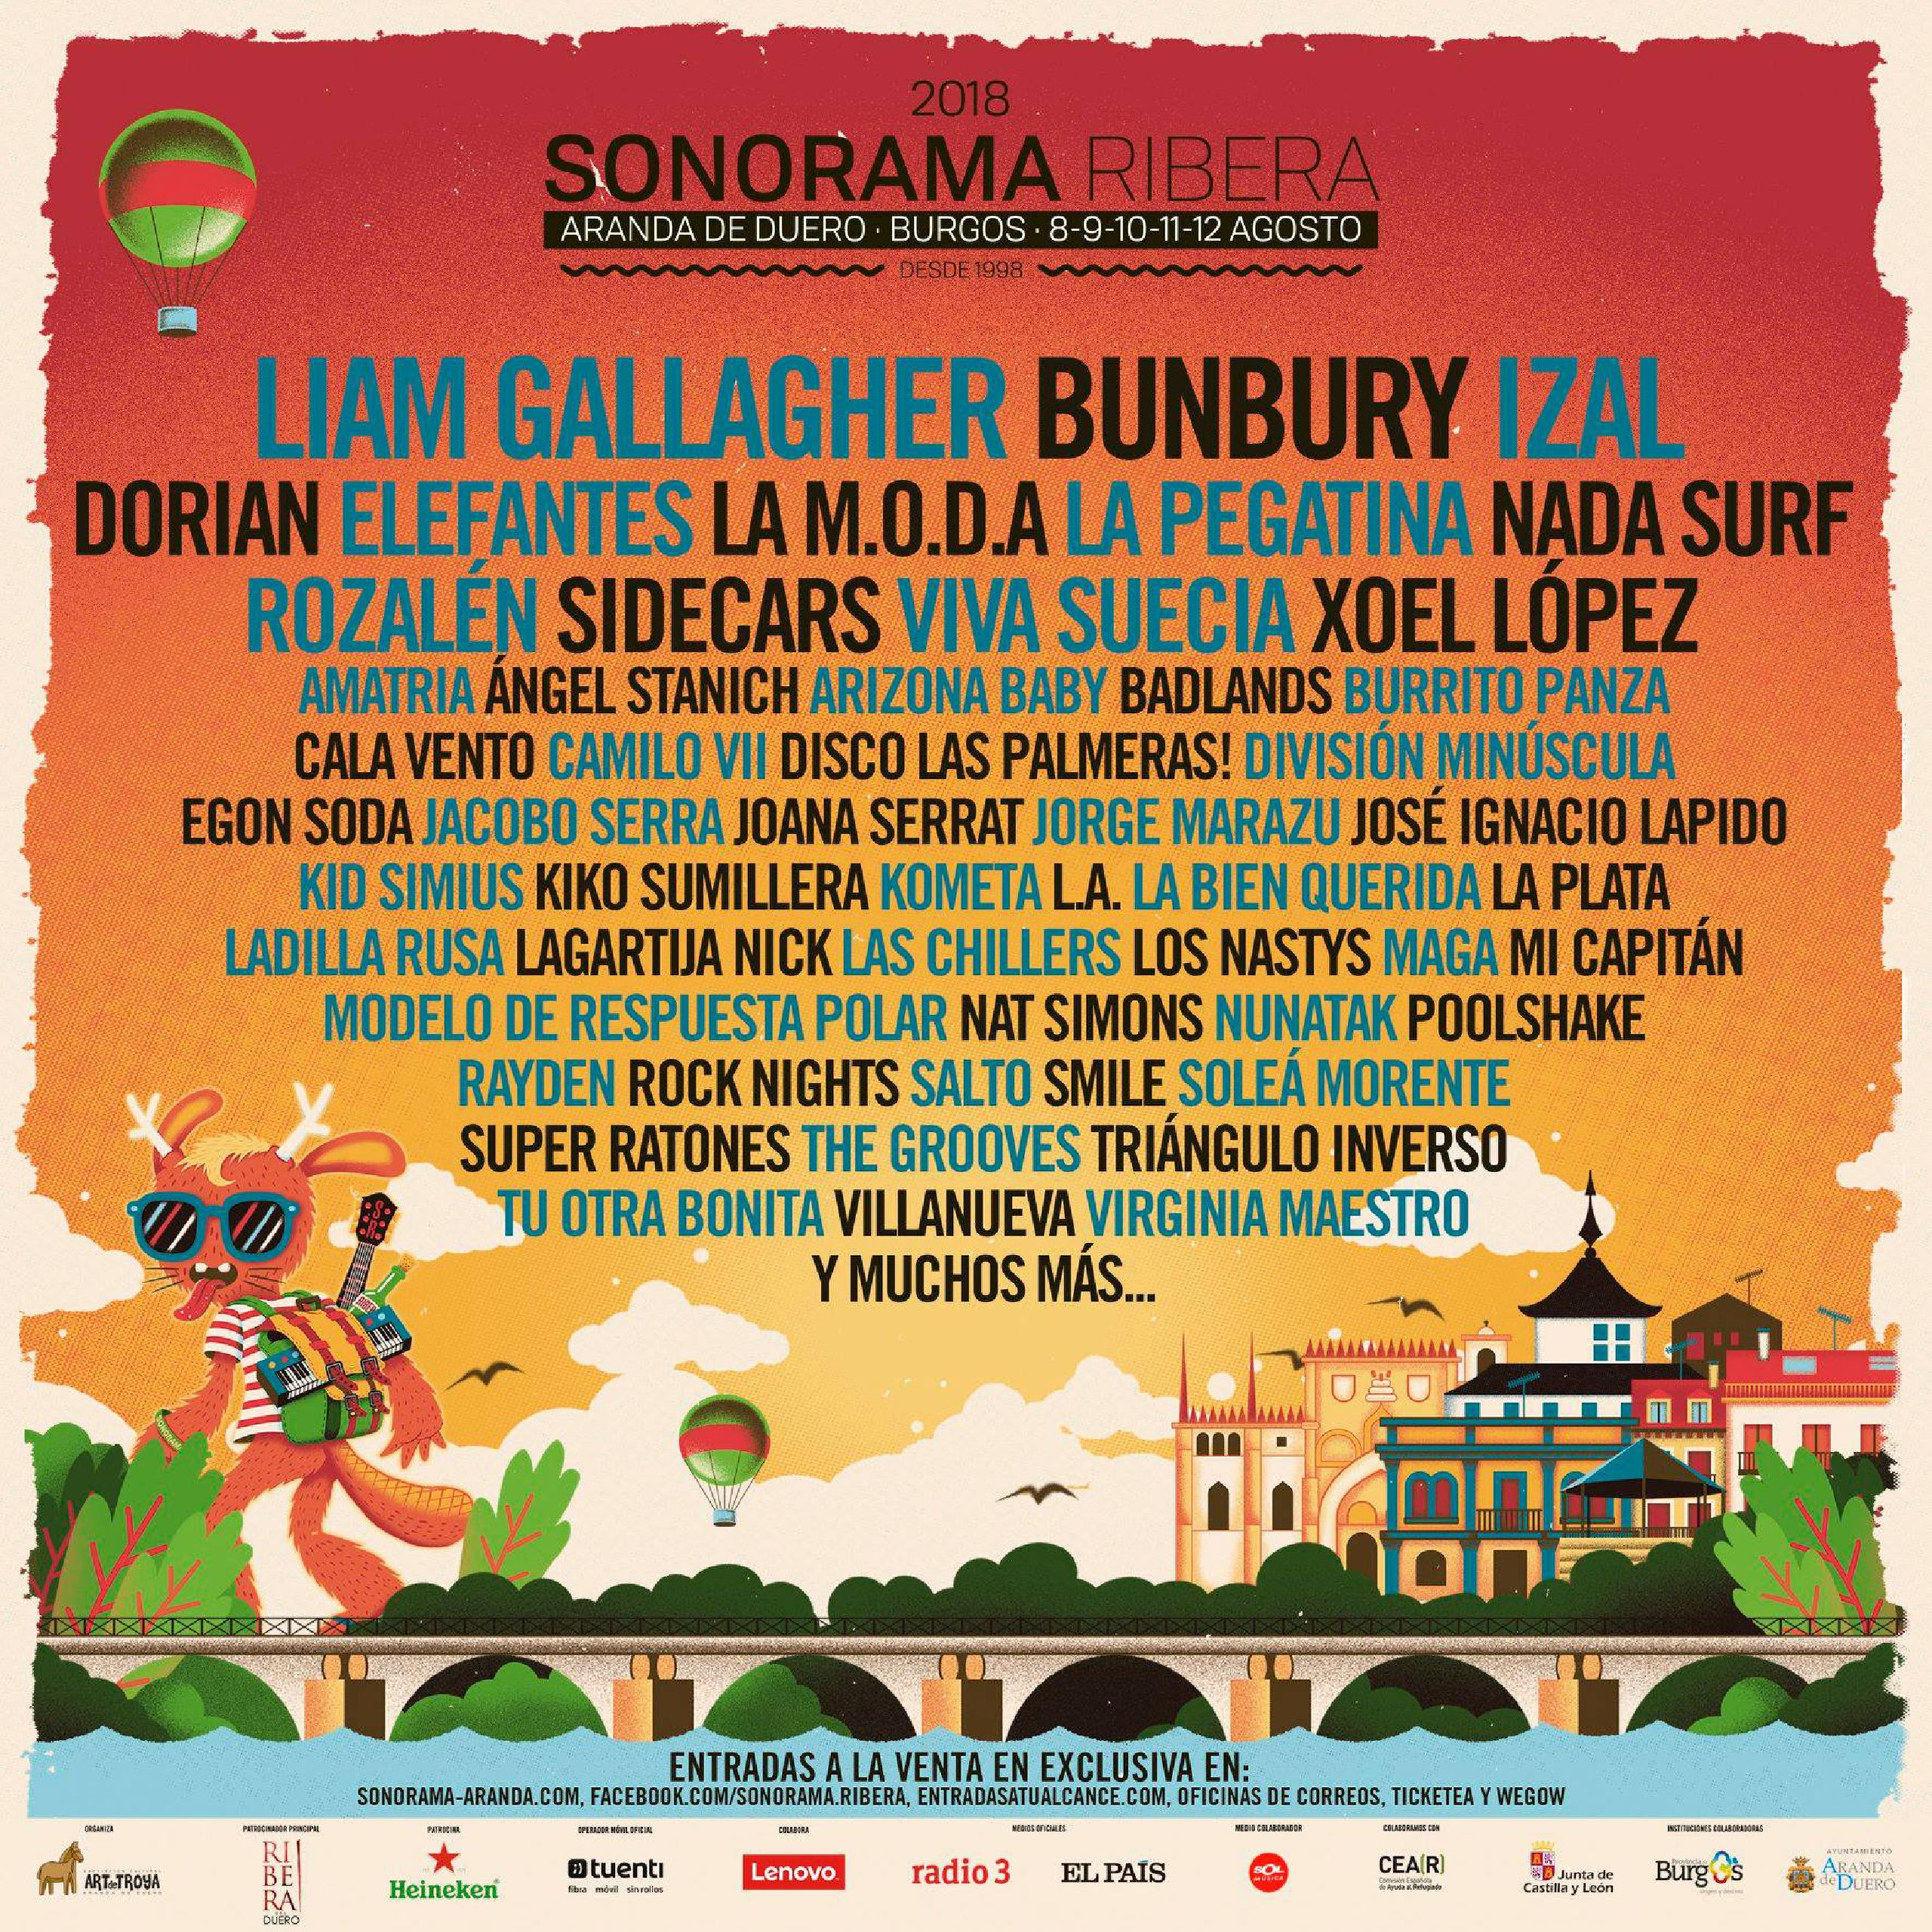 Cartel confirmaciones Sonorama Ribera 2018 Liam Gallagher